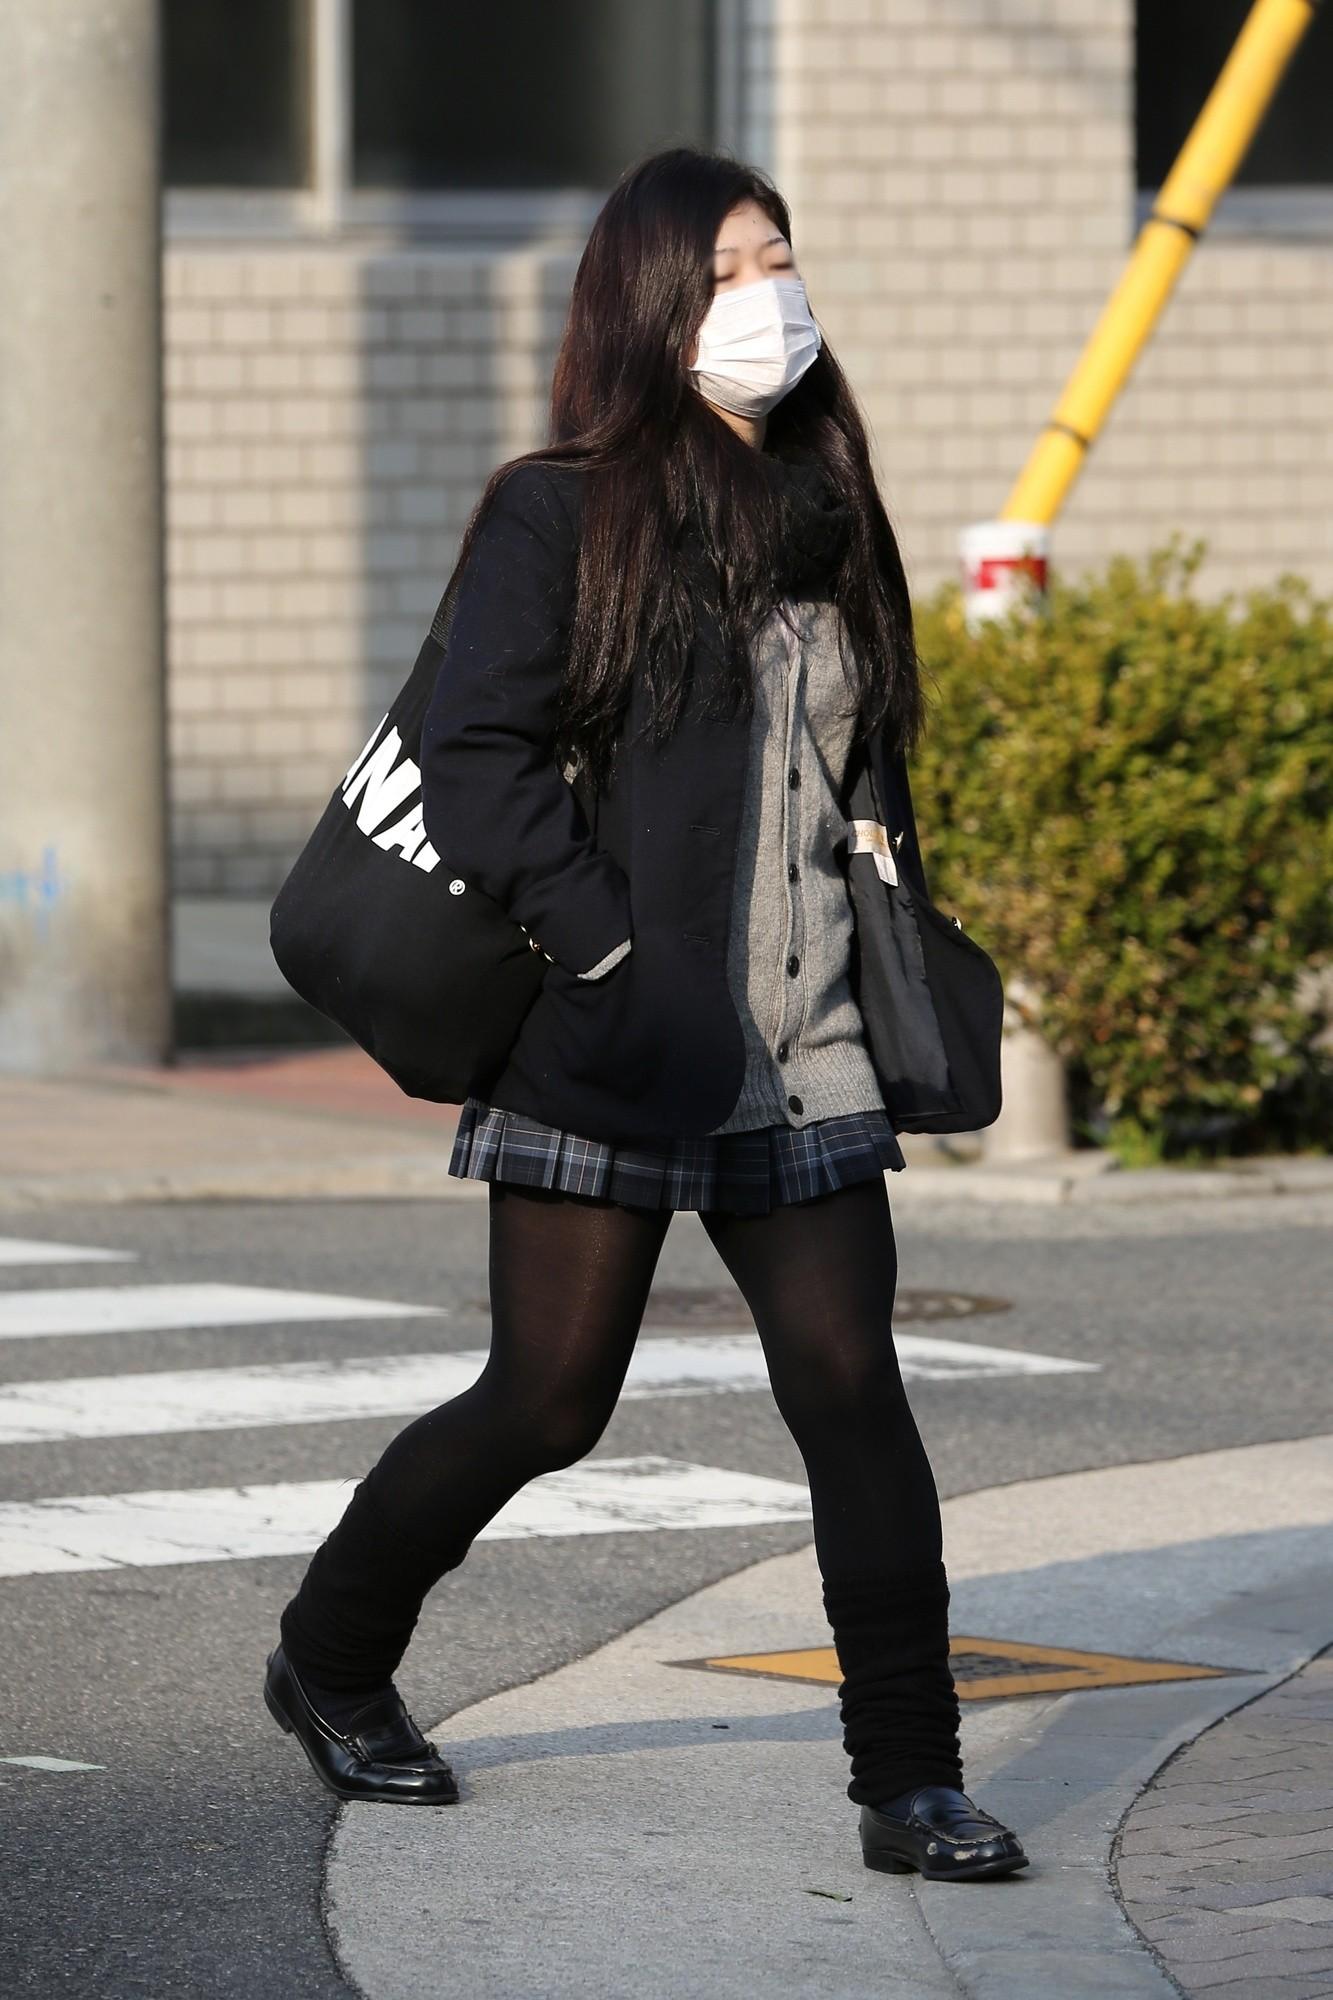 【街撮りJK画像】寒いので黒ストで包まれたJKムチムチ美脚で暖を取るwww 16